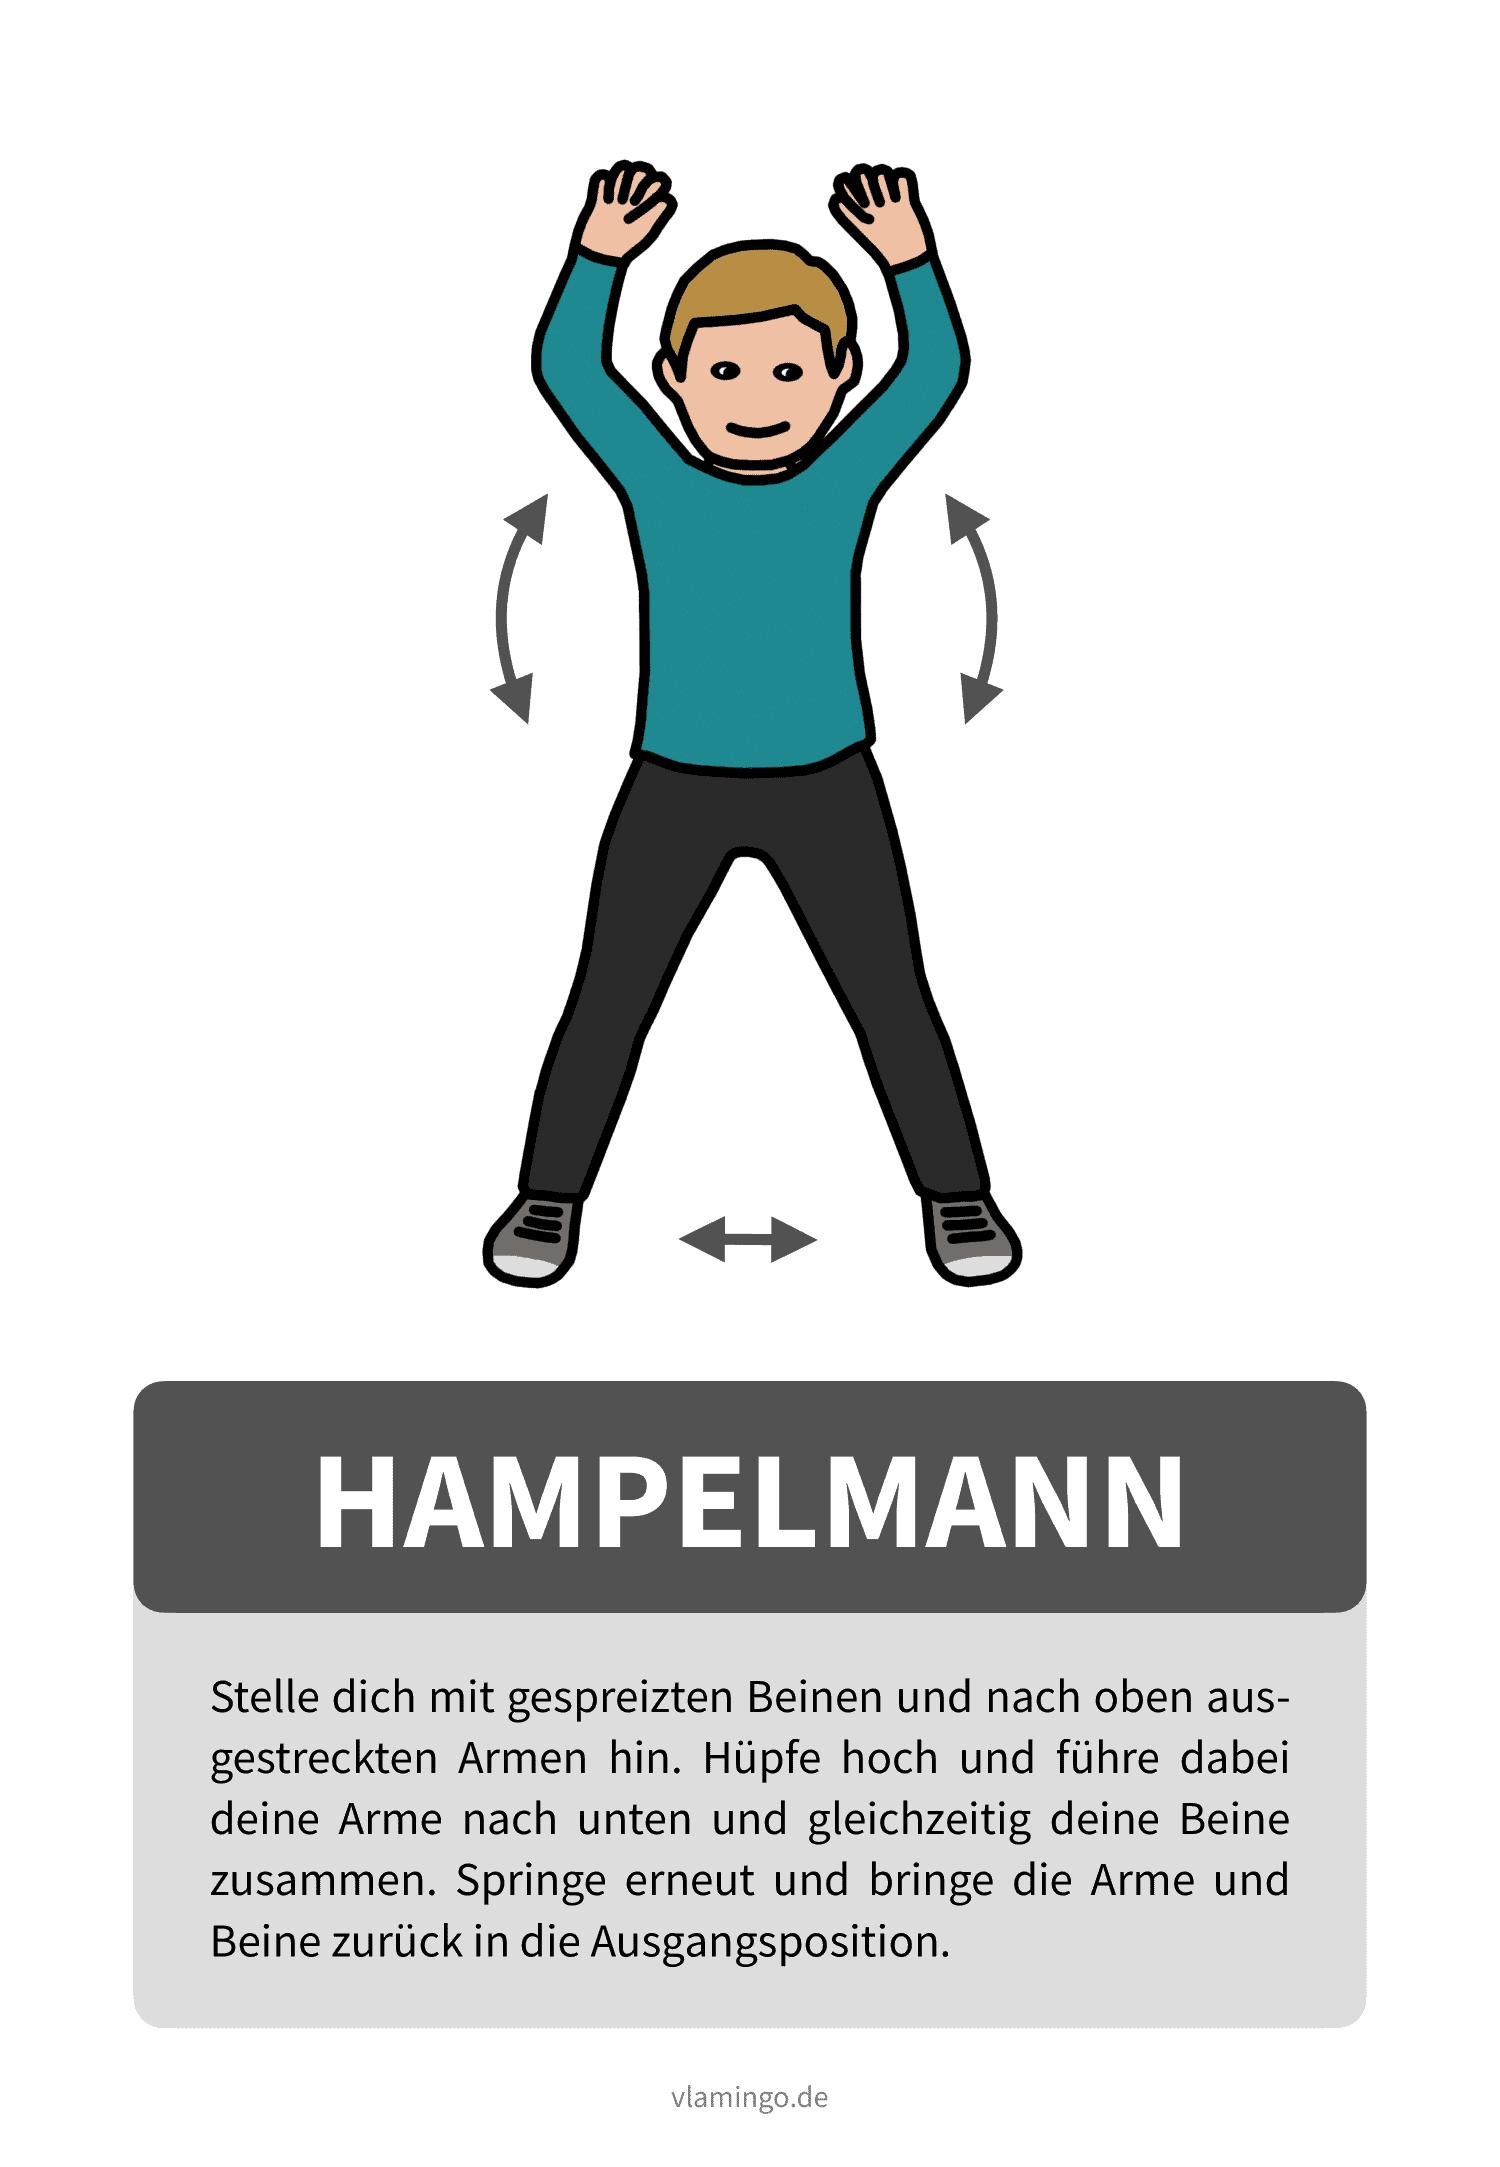 Übungskarte mit Beschreibung - Hampelmann